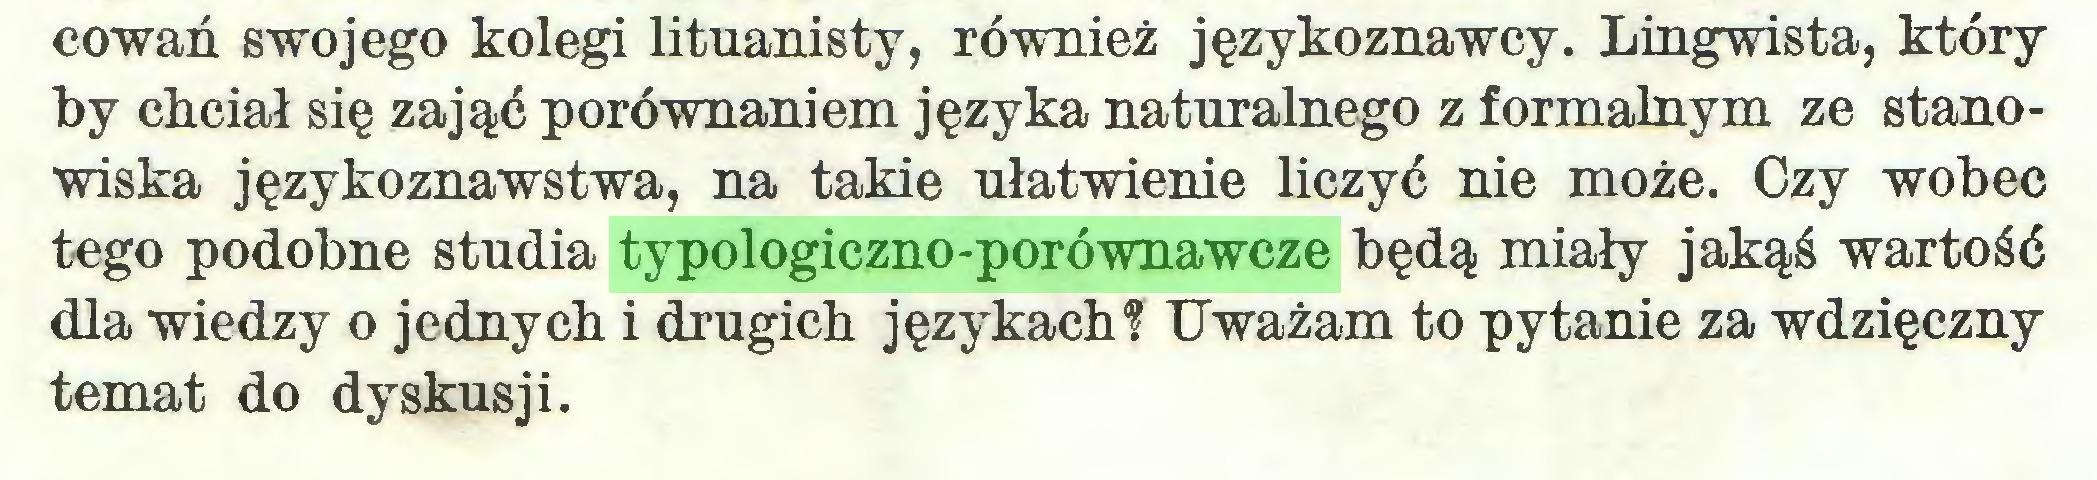 (...) cowań swojego kolegi lituanisty, również językoznawcy. Lingwista, który by chciał się zająć porównaniem języka naturalnego z formalnym ze stanowiska językoznawstwa, na takie ułatwienie liczyć nie może. Czy wobec tego podobne studia typologiczno-porównawcze będą miały jakąś wartość dla wiedzy o jednych i drugich językach? Uważam to pytanie za wdzięczny temat do dyskusji...